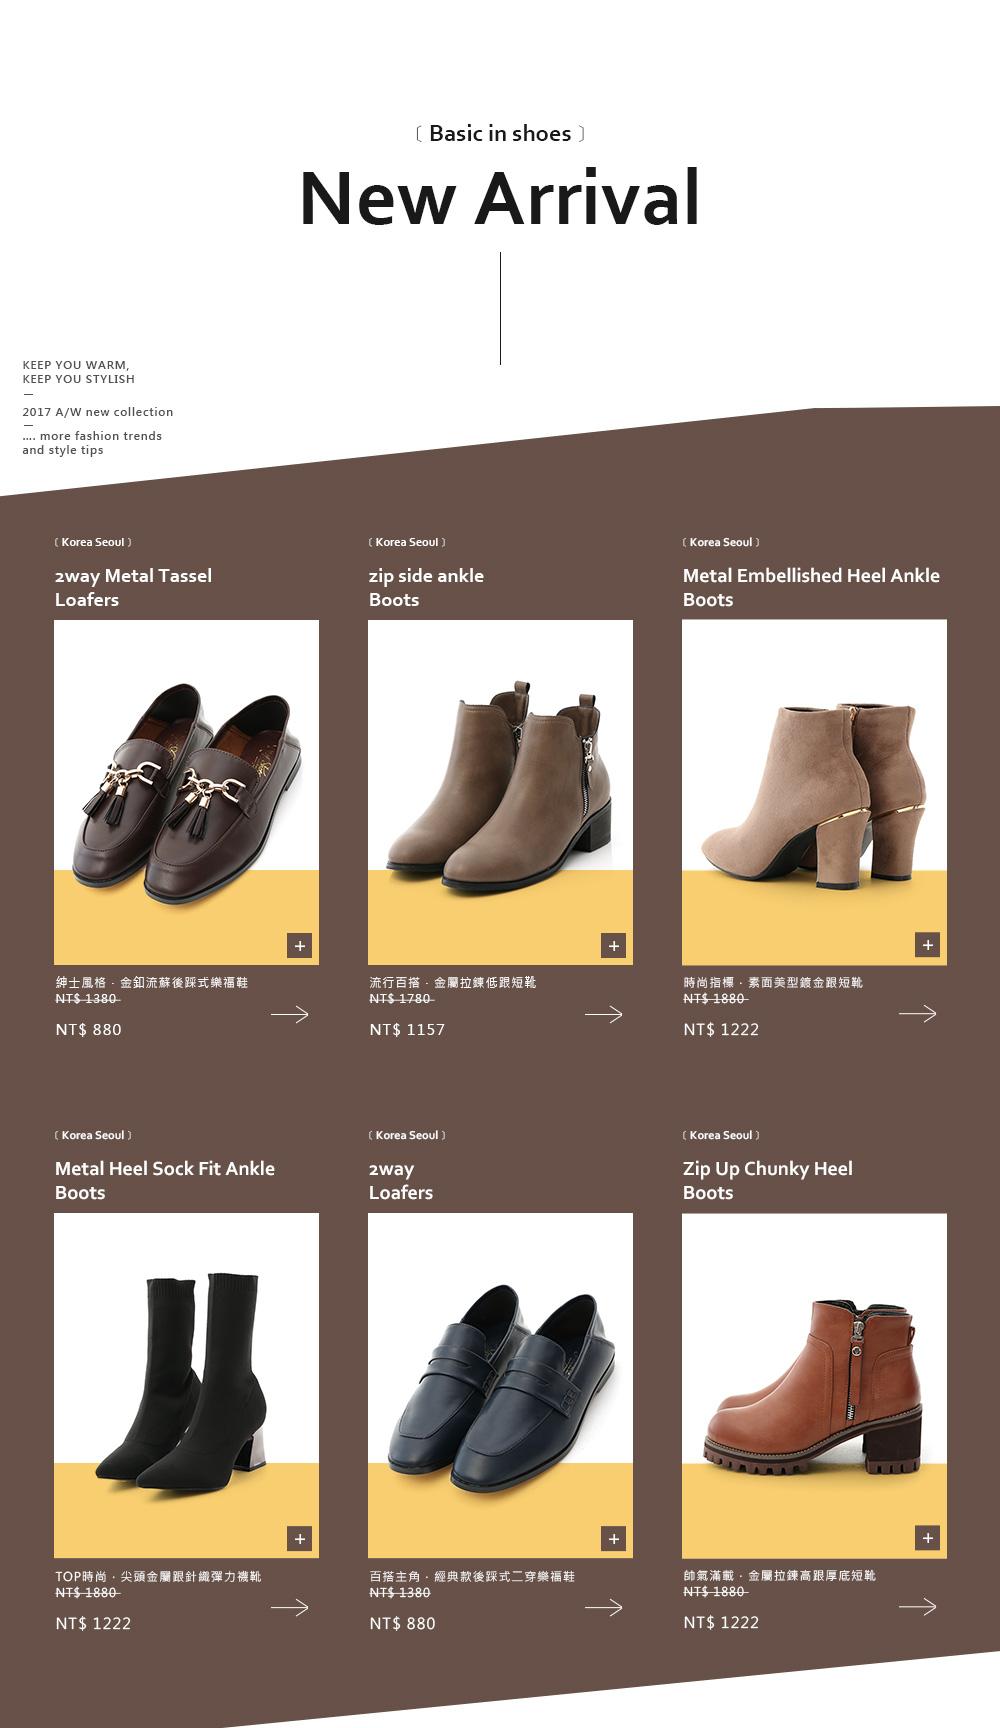 韓國拍攝特輯鞋子靴子